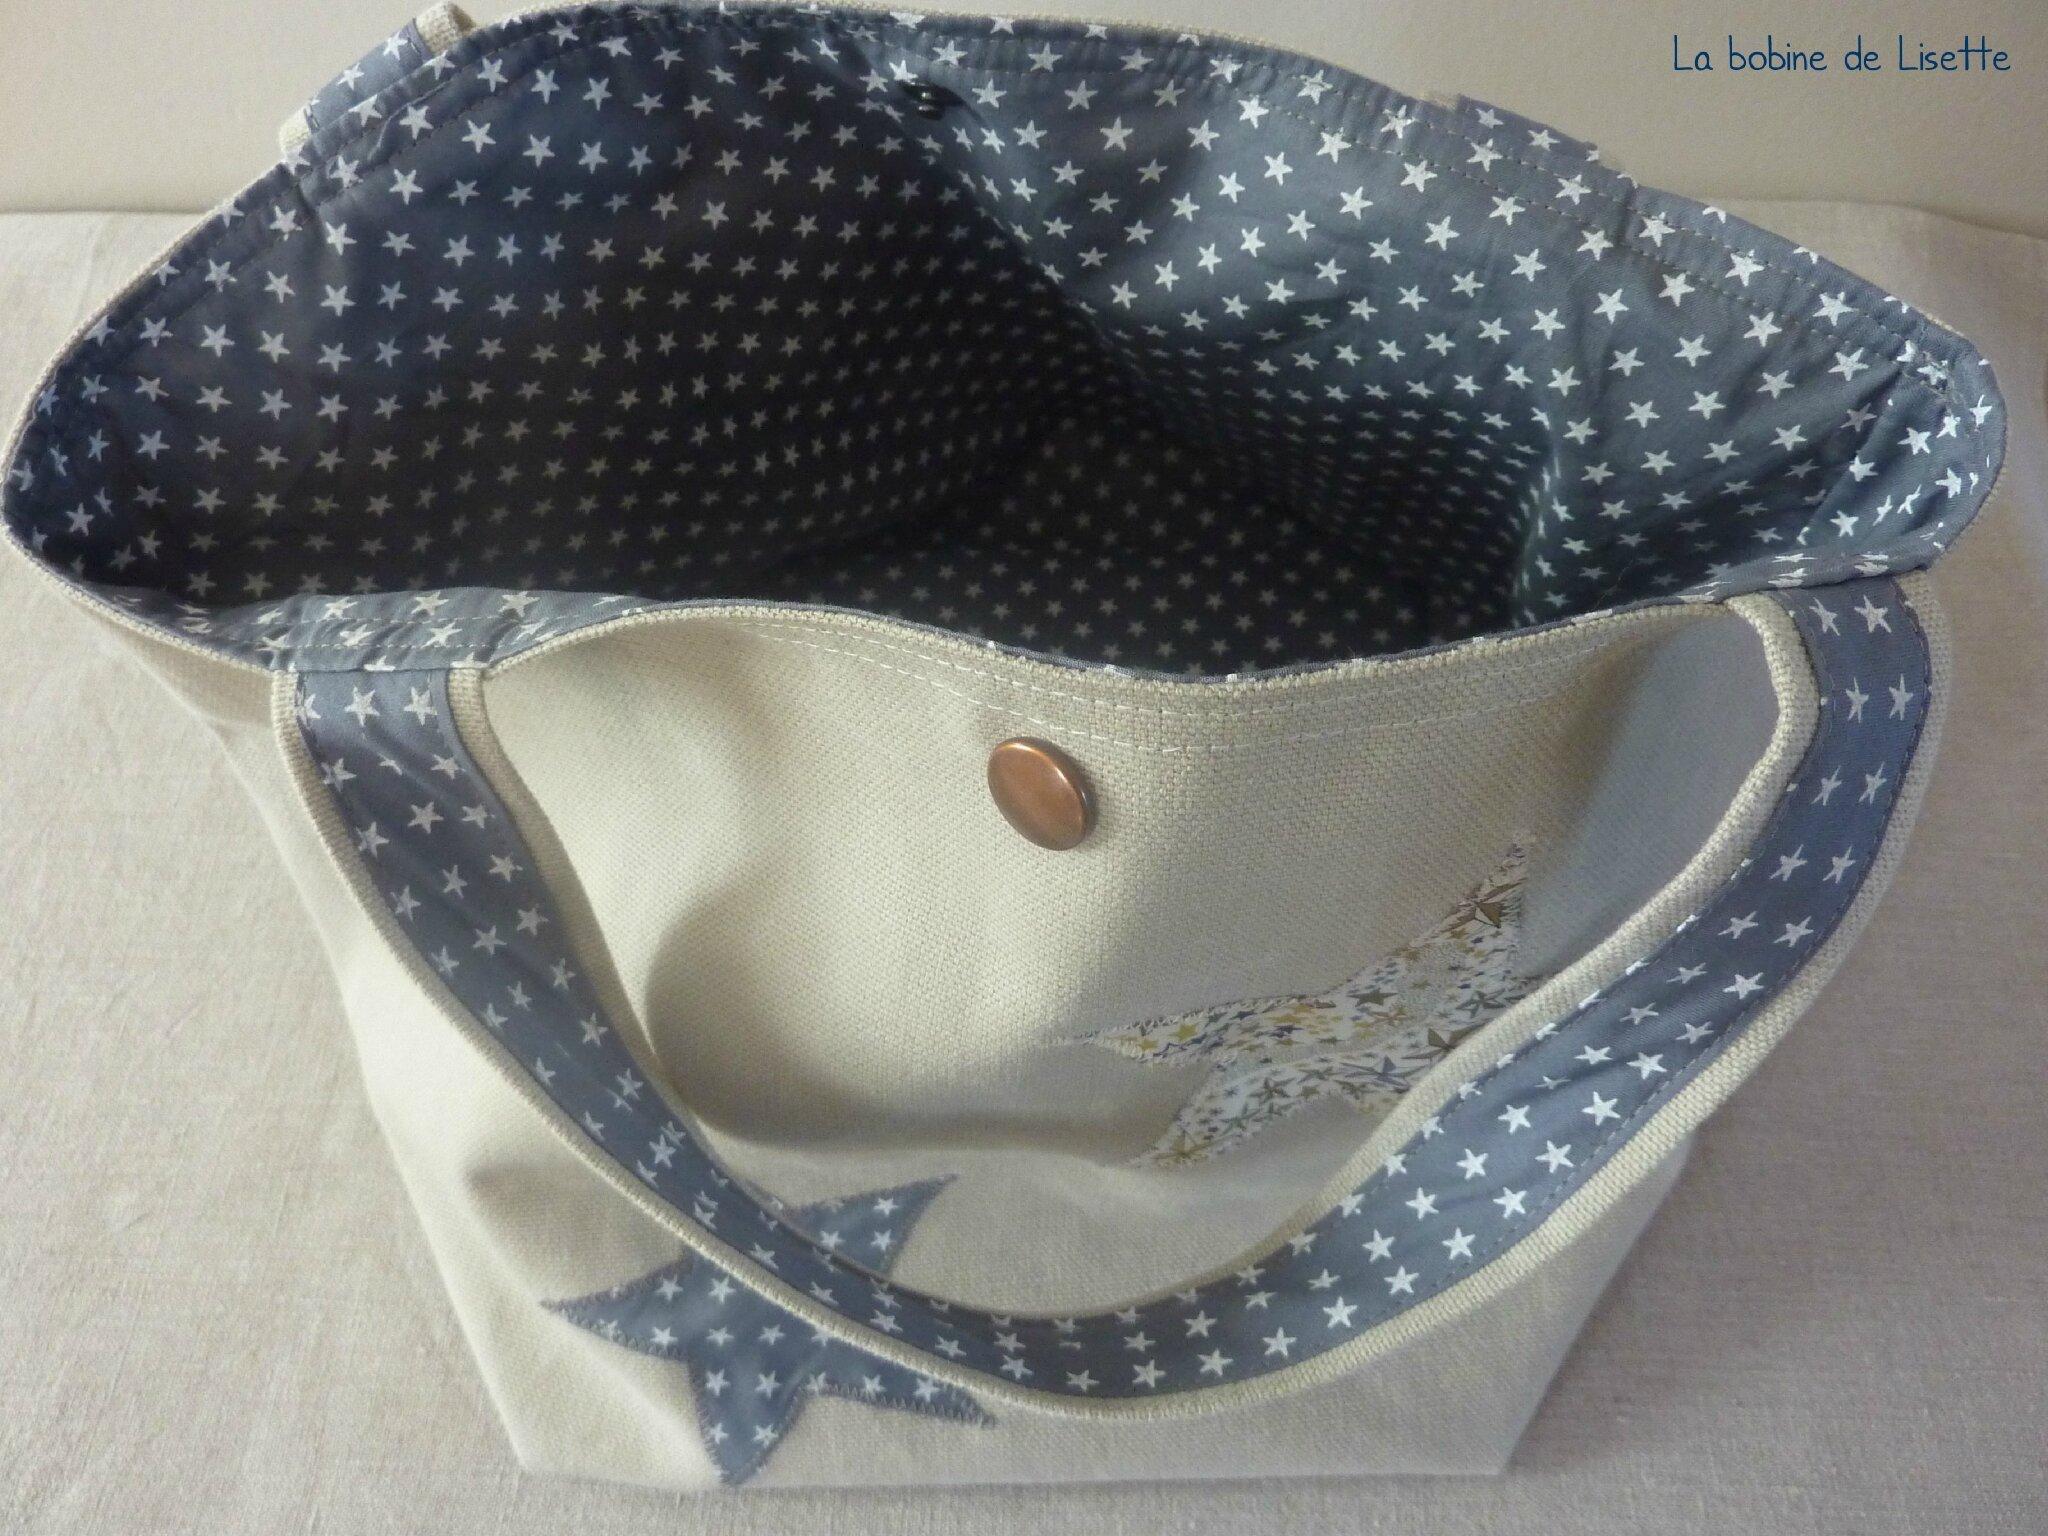 Virginie's bag pour Augustin.